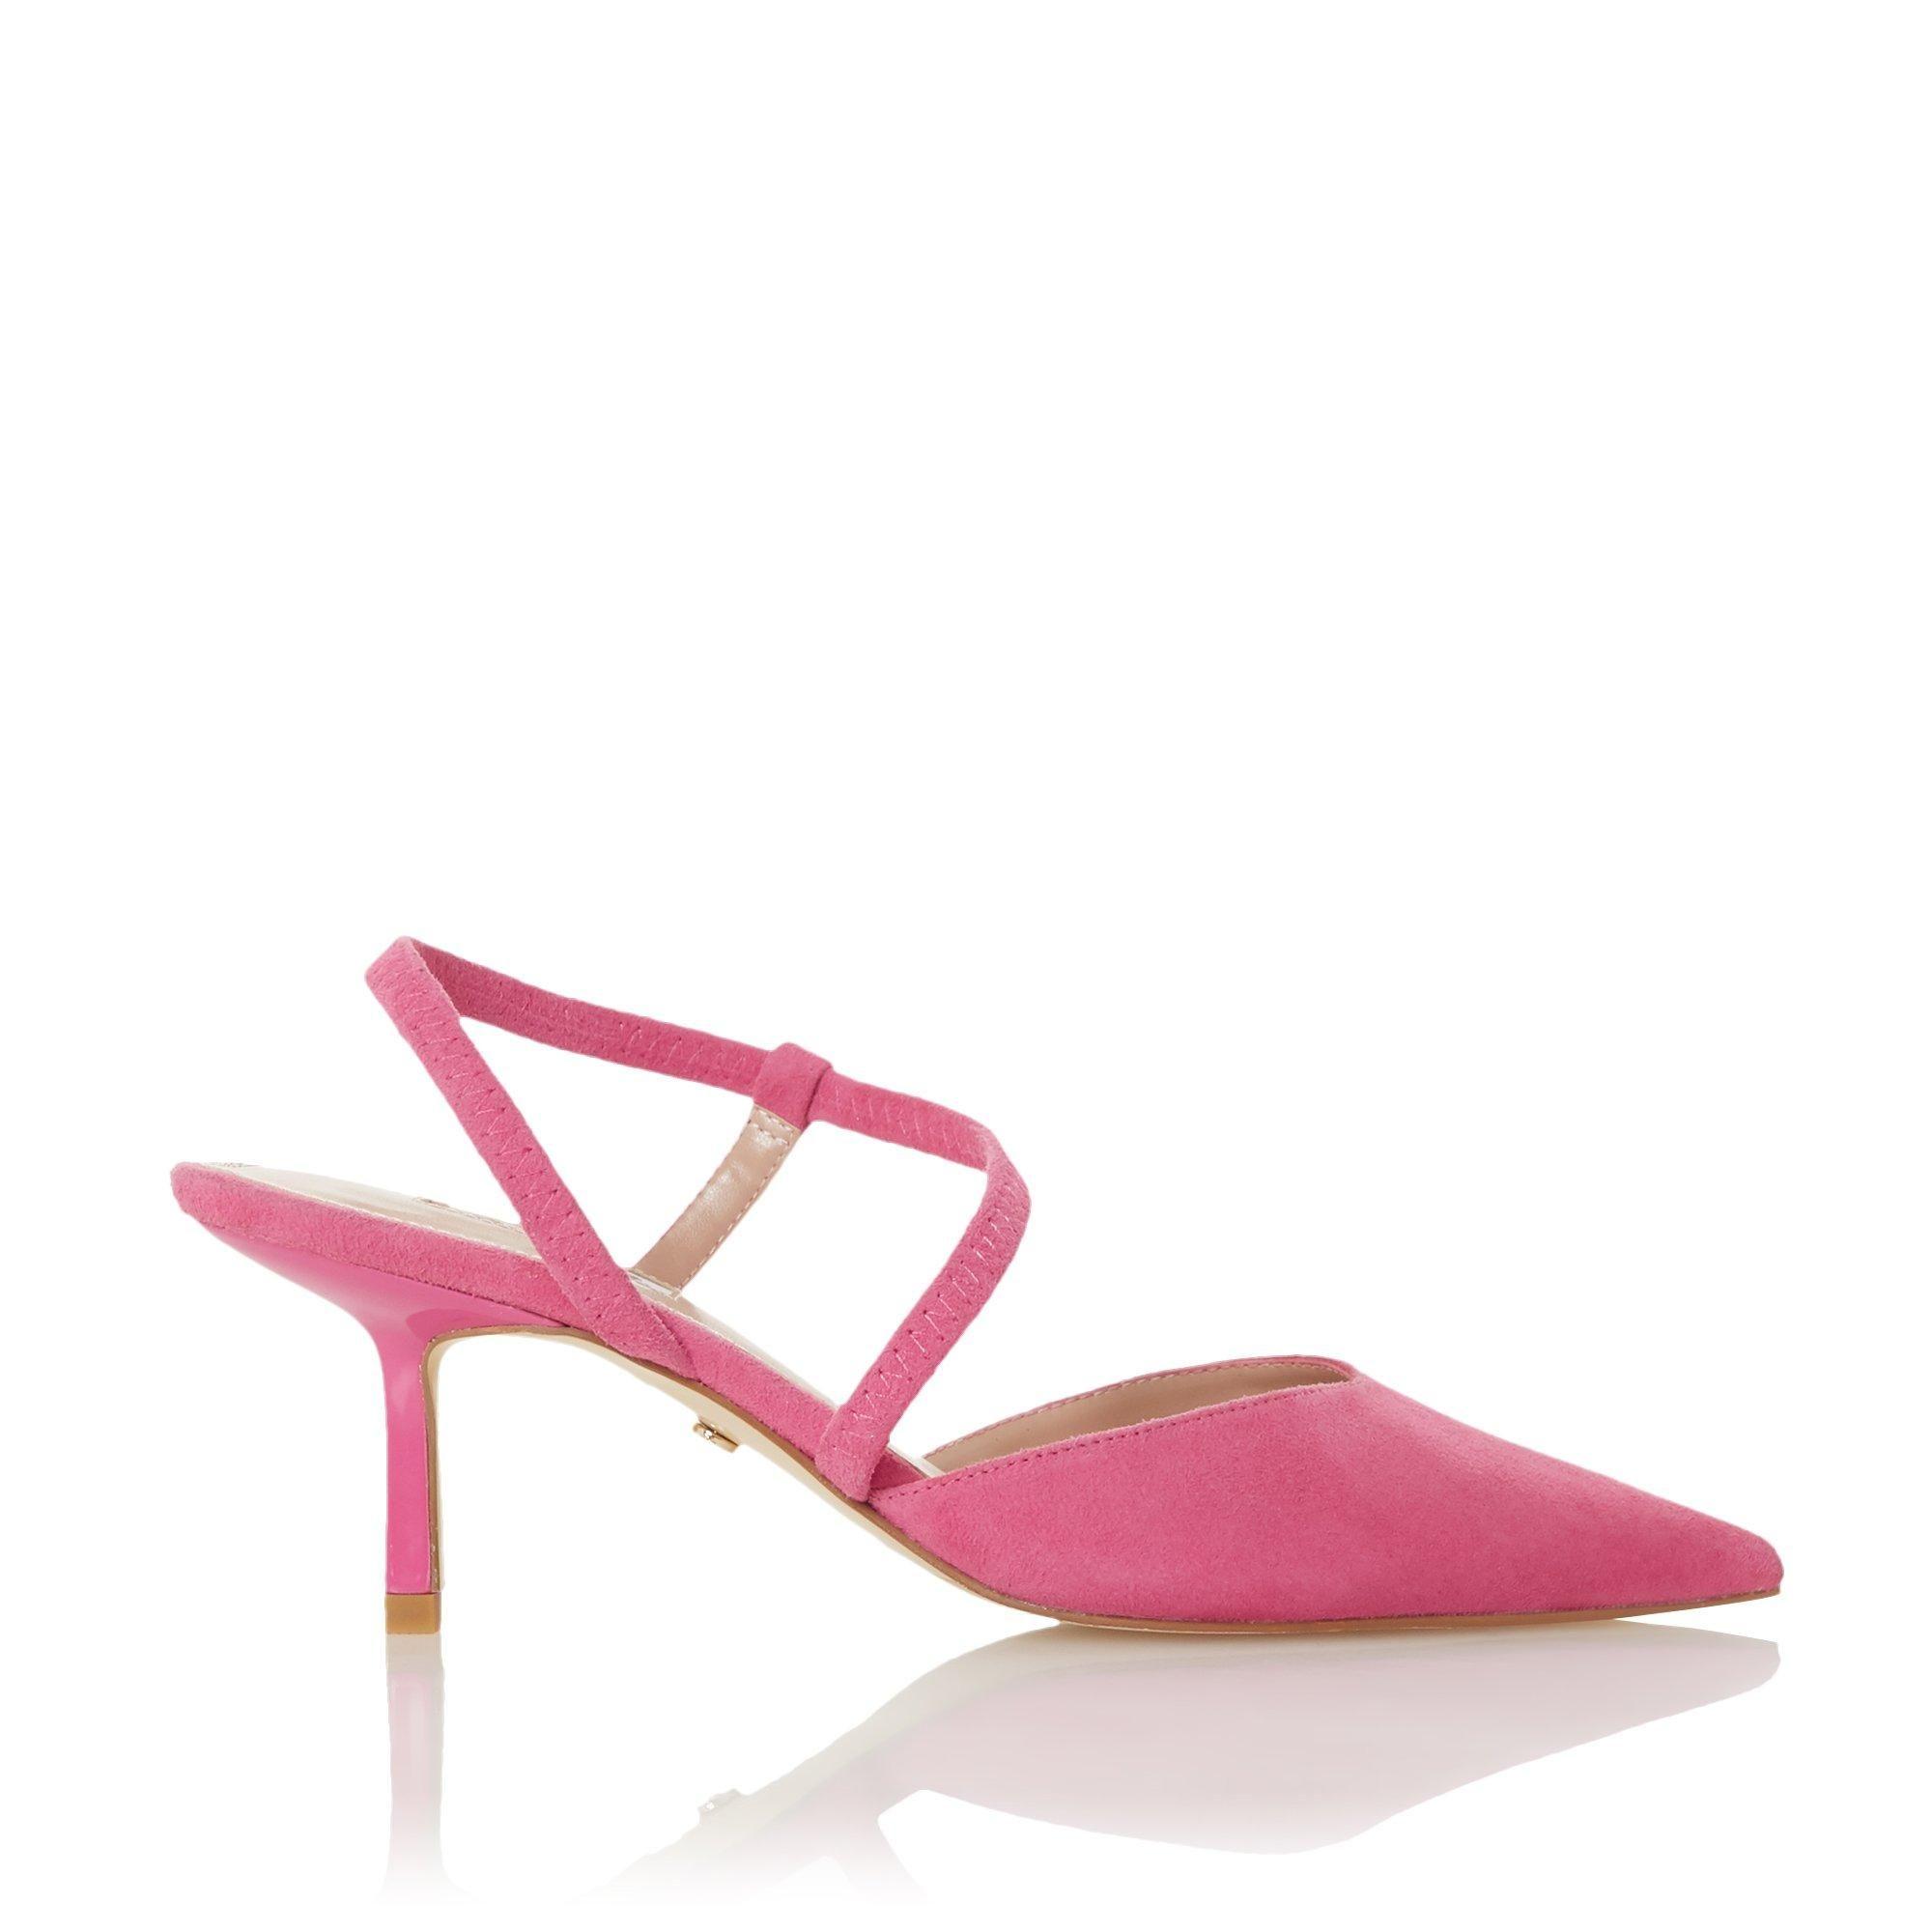 Dune Ladies COLOMBIA Asymmetric Court Shoes